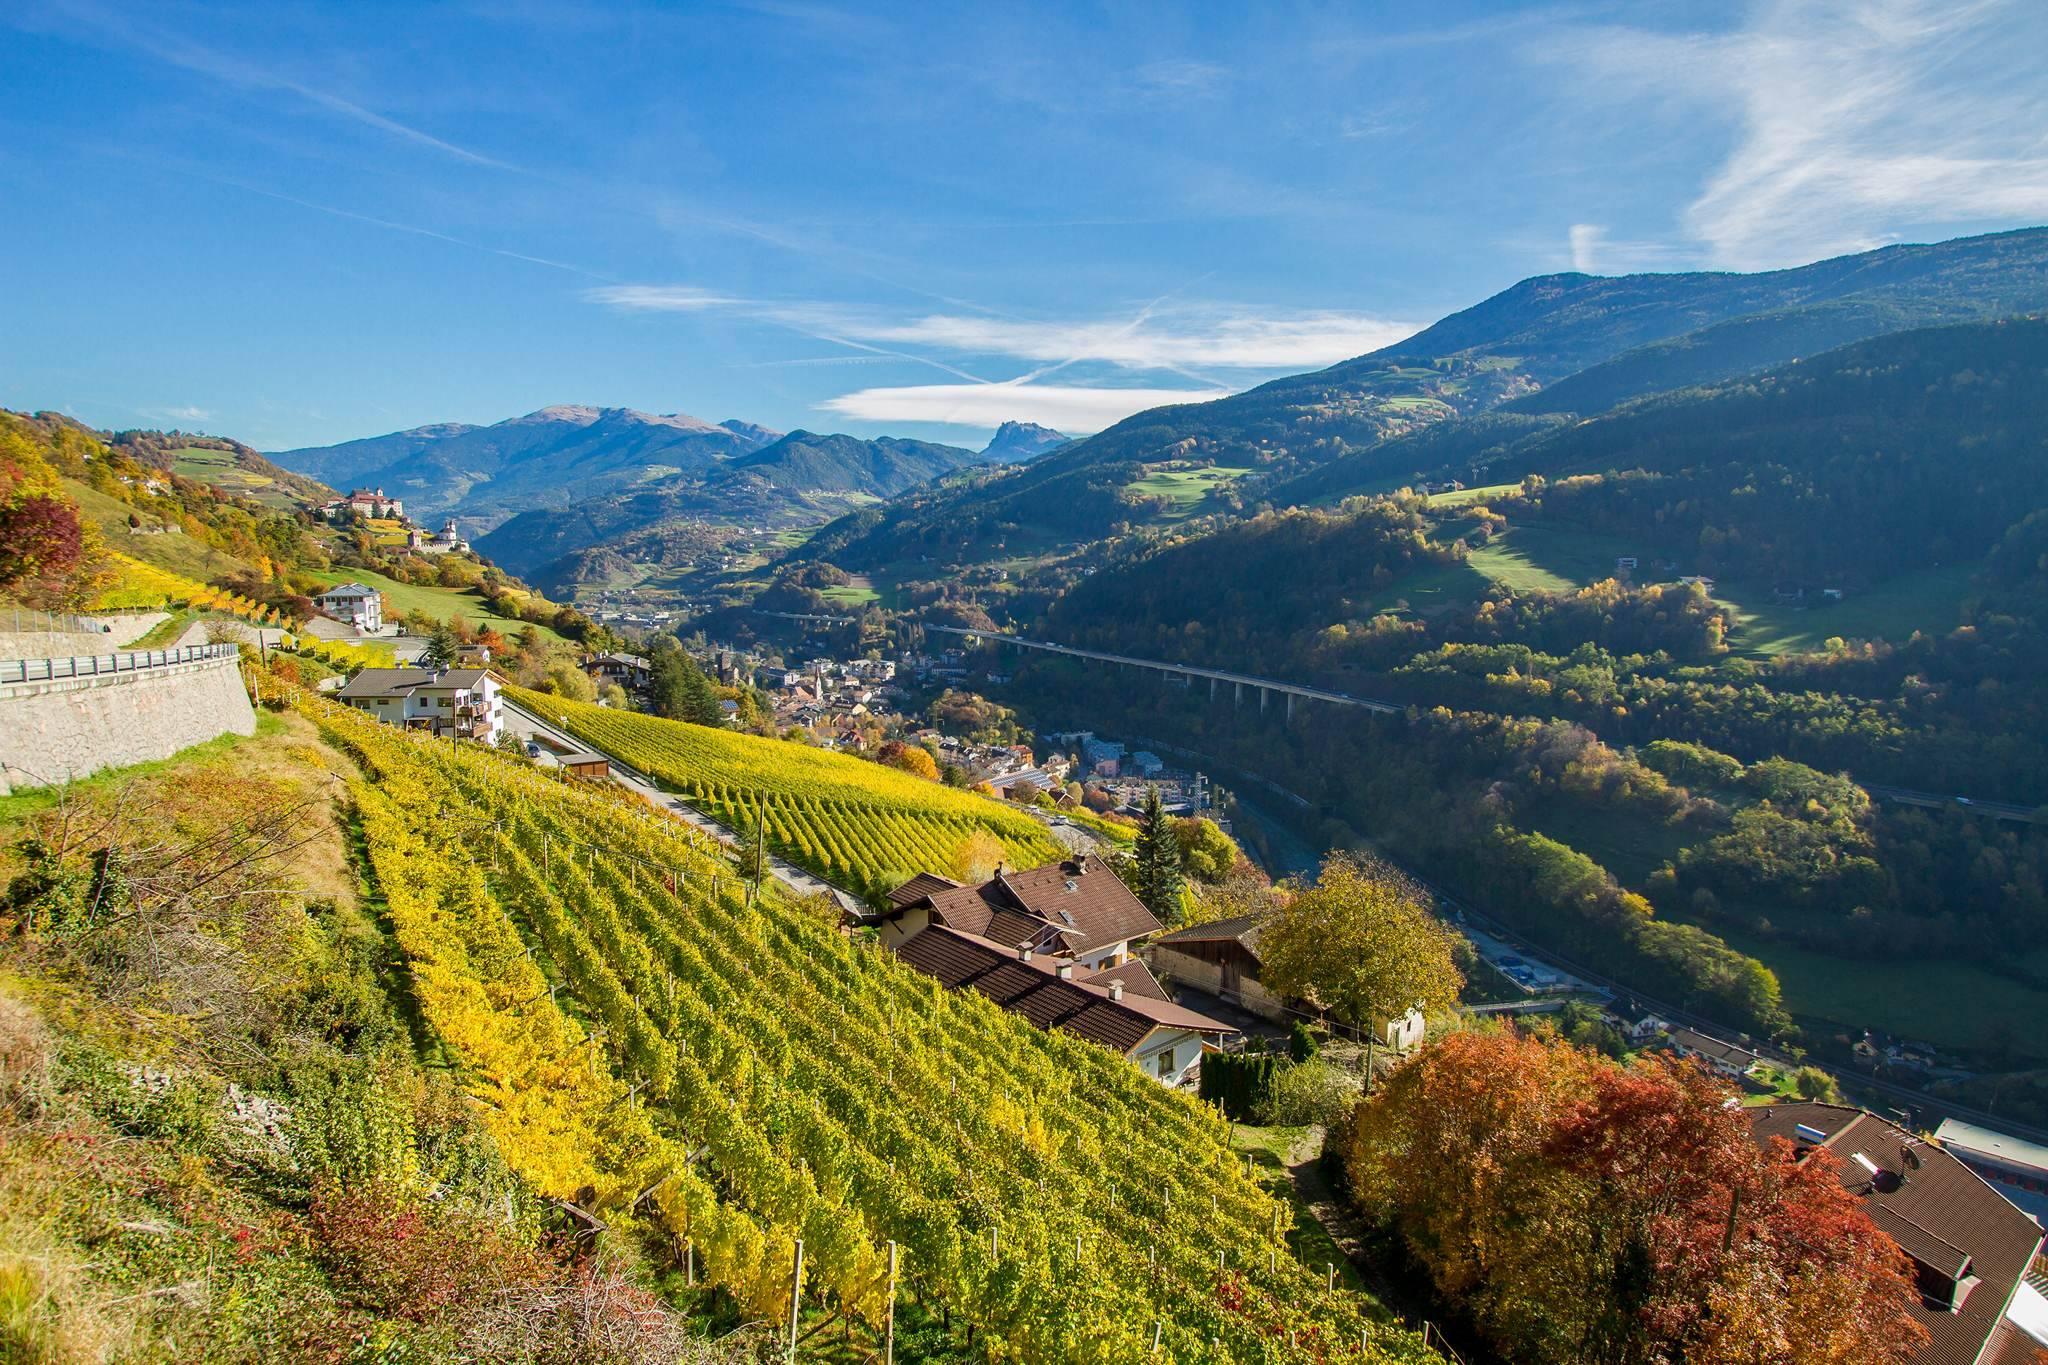 Wijnbouw op de oevers van de Adige.